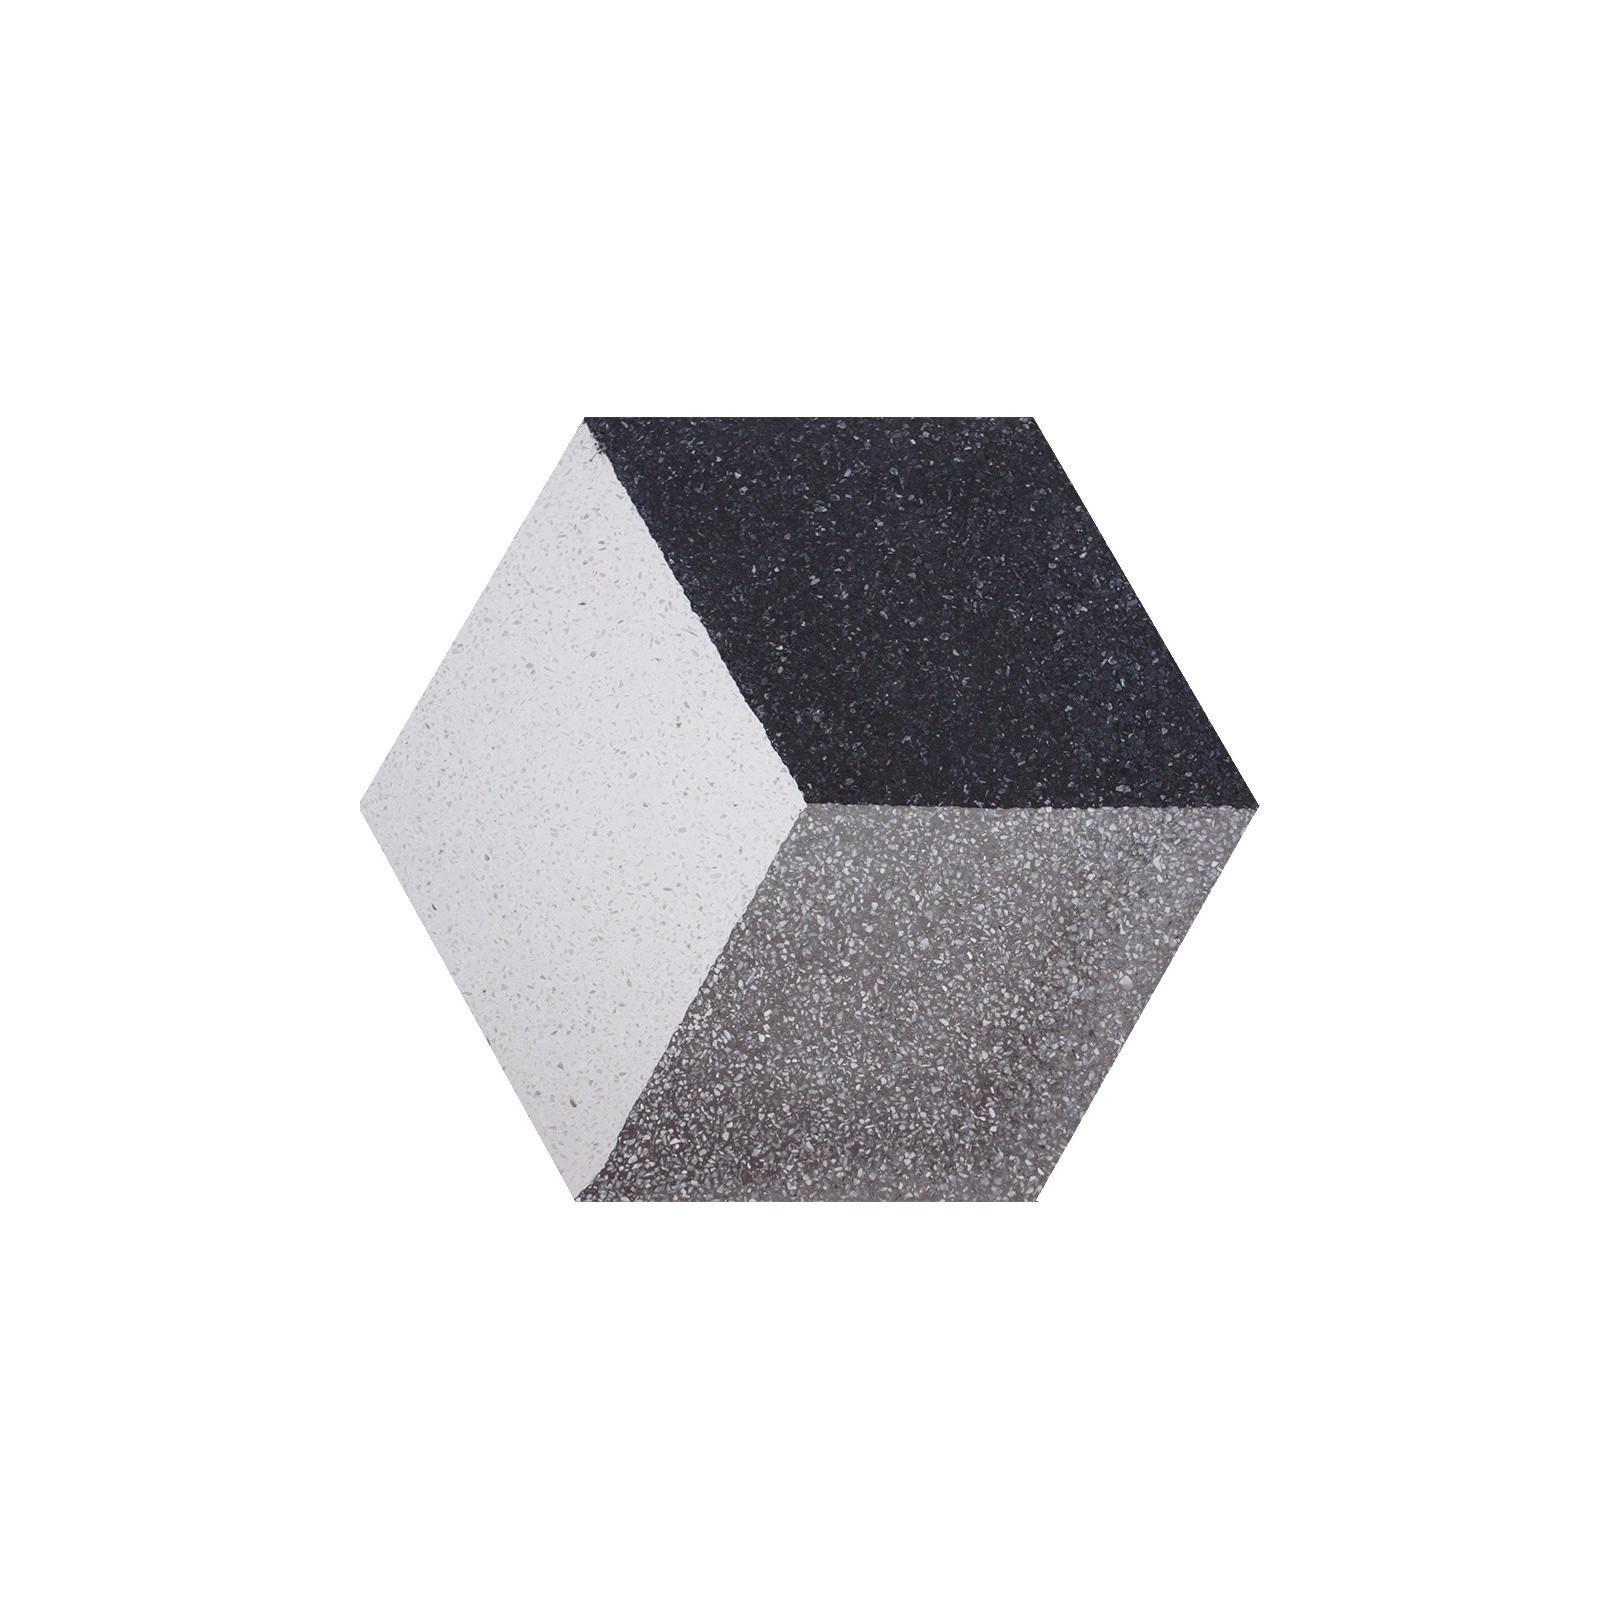 Carreau de terrazzo hexagone motif gris, noir et blanc Cube 3D HTU 01.10.27